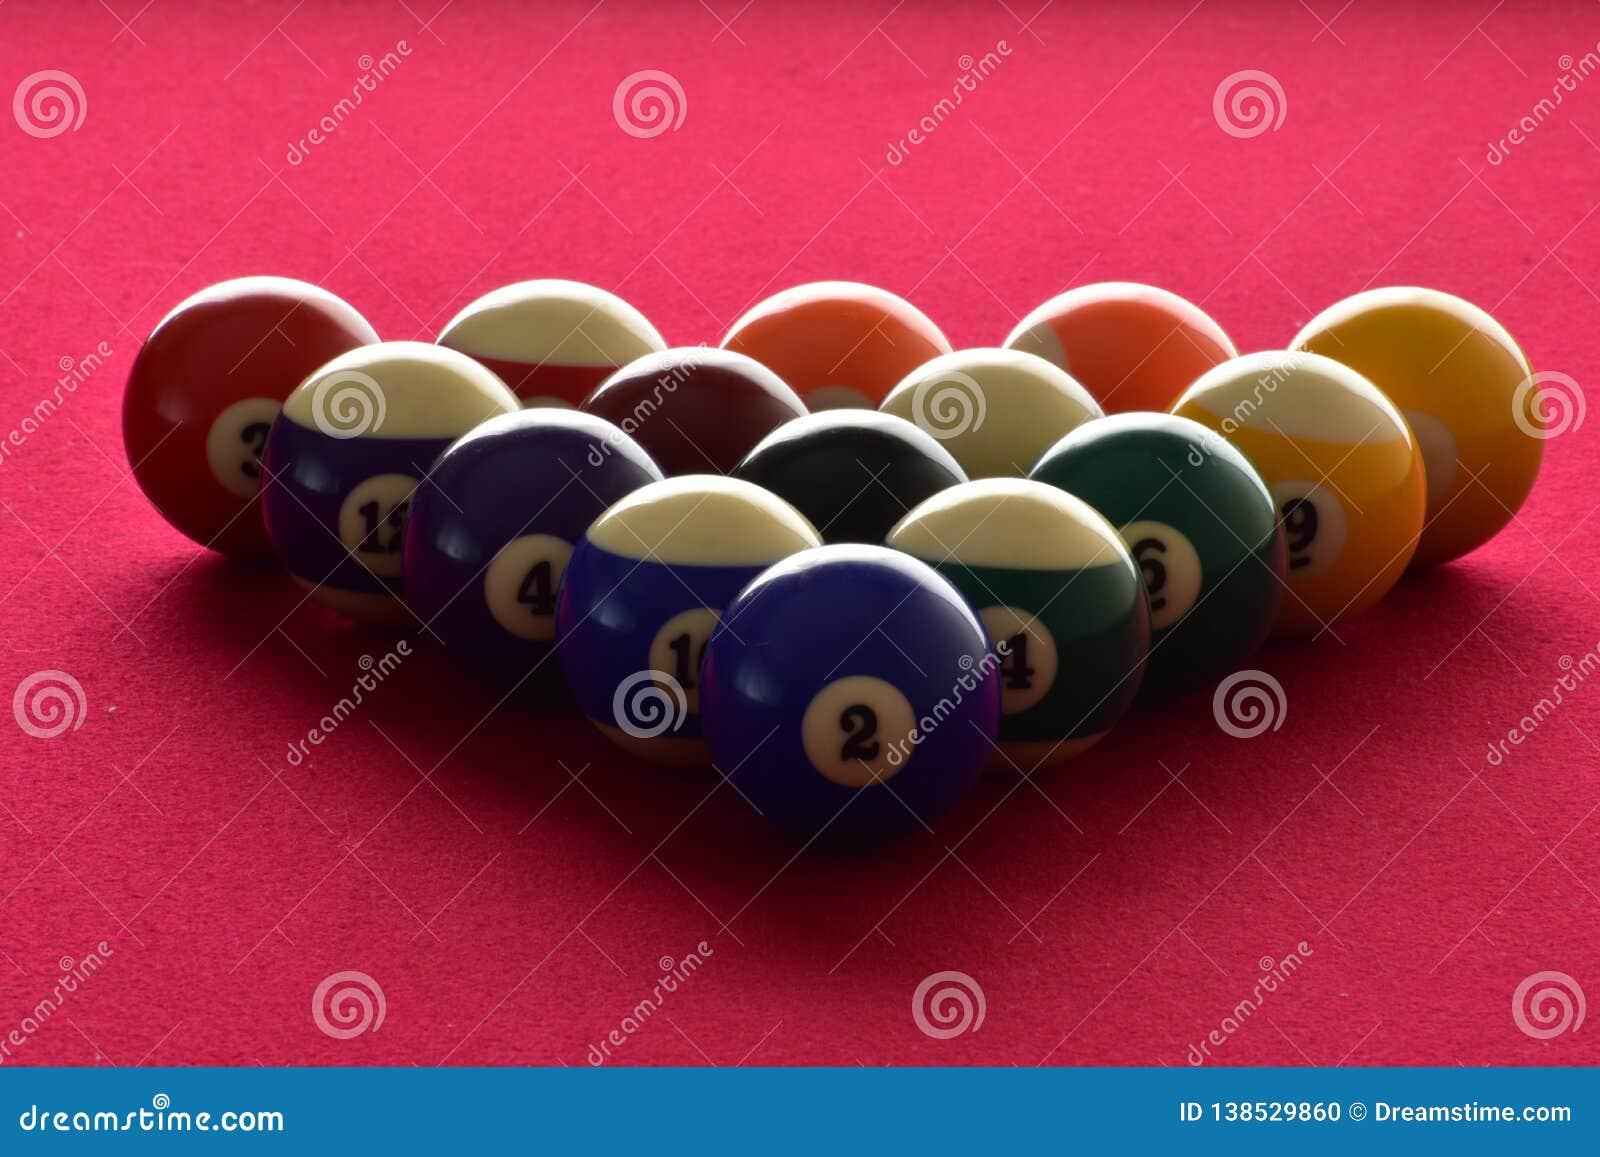 Bolas de bilhar em uma mesa de bilhar sentida vermelha